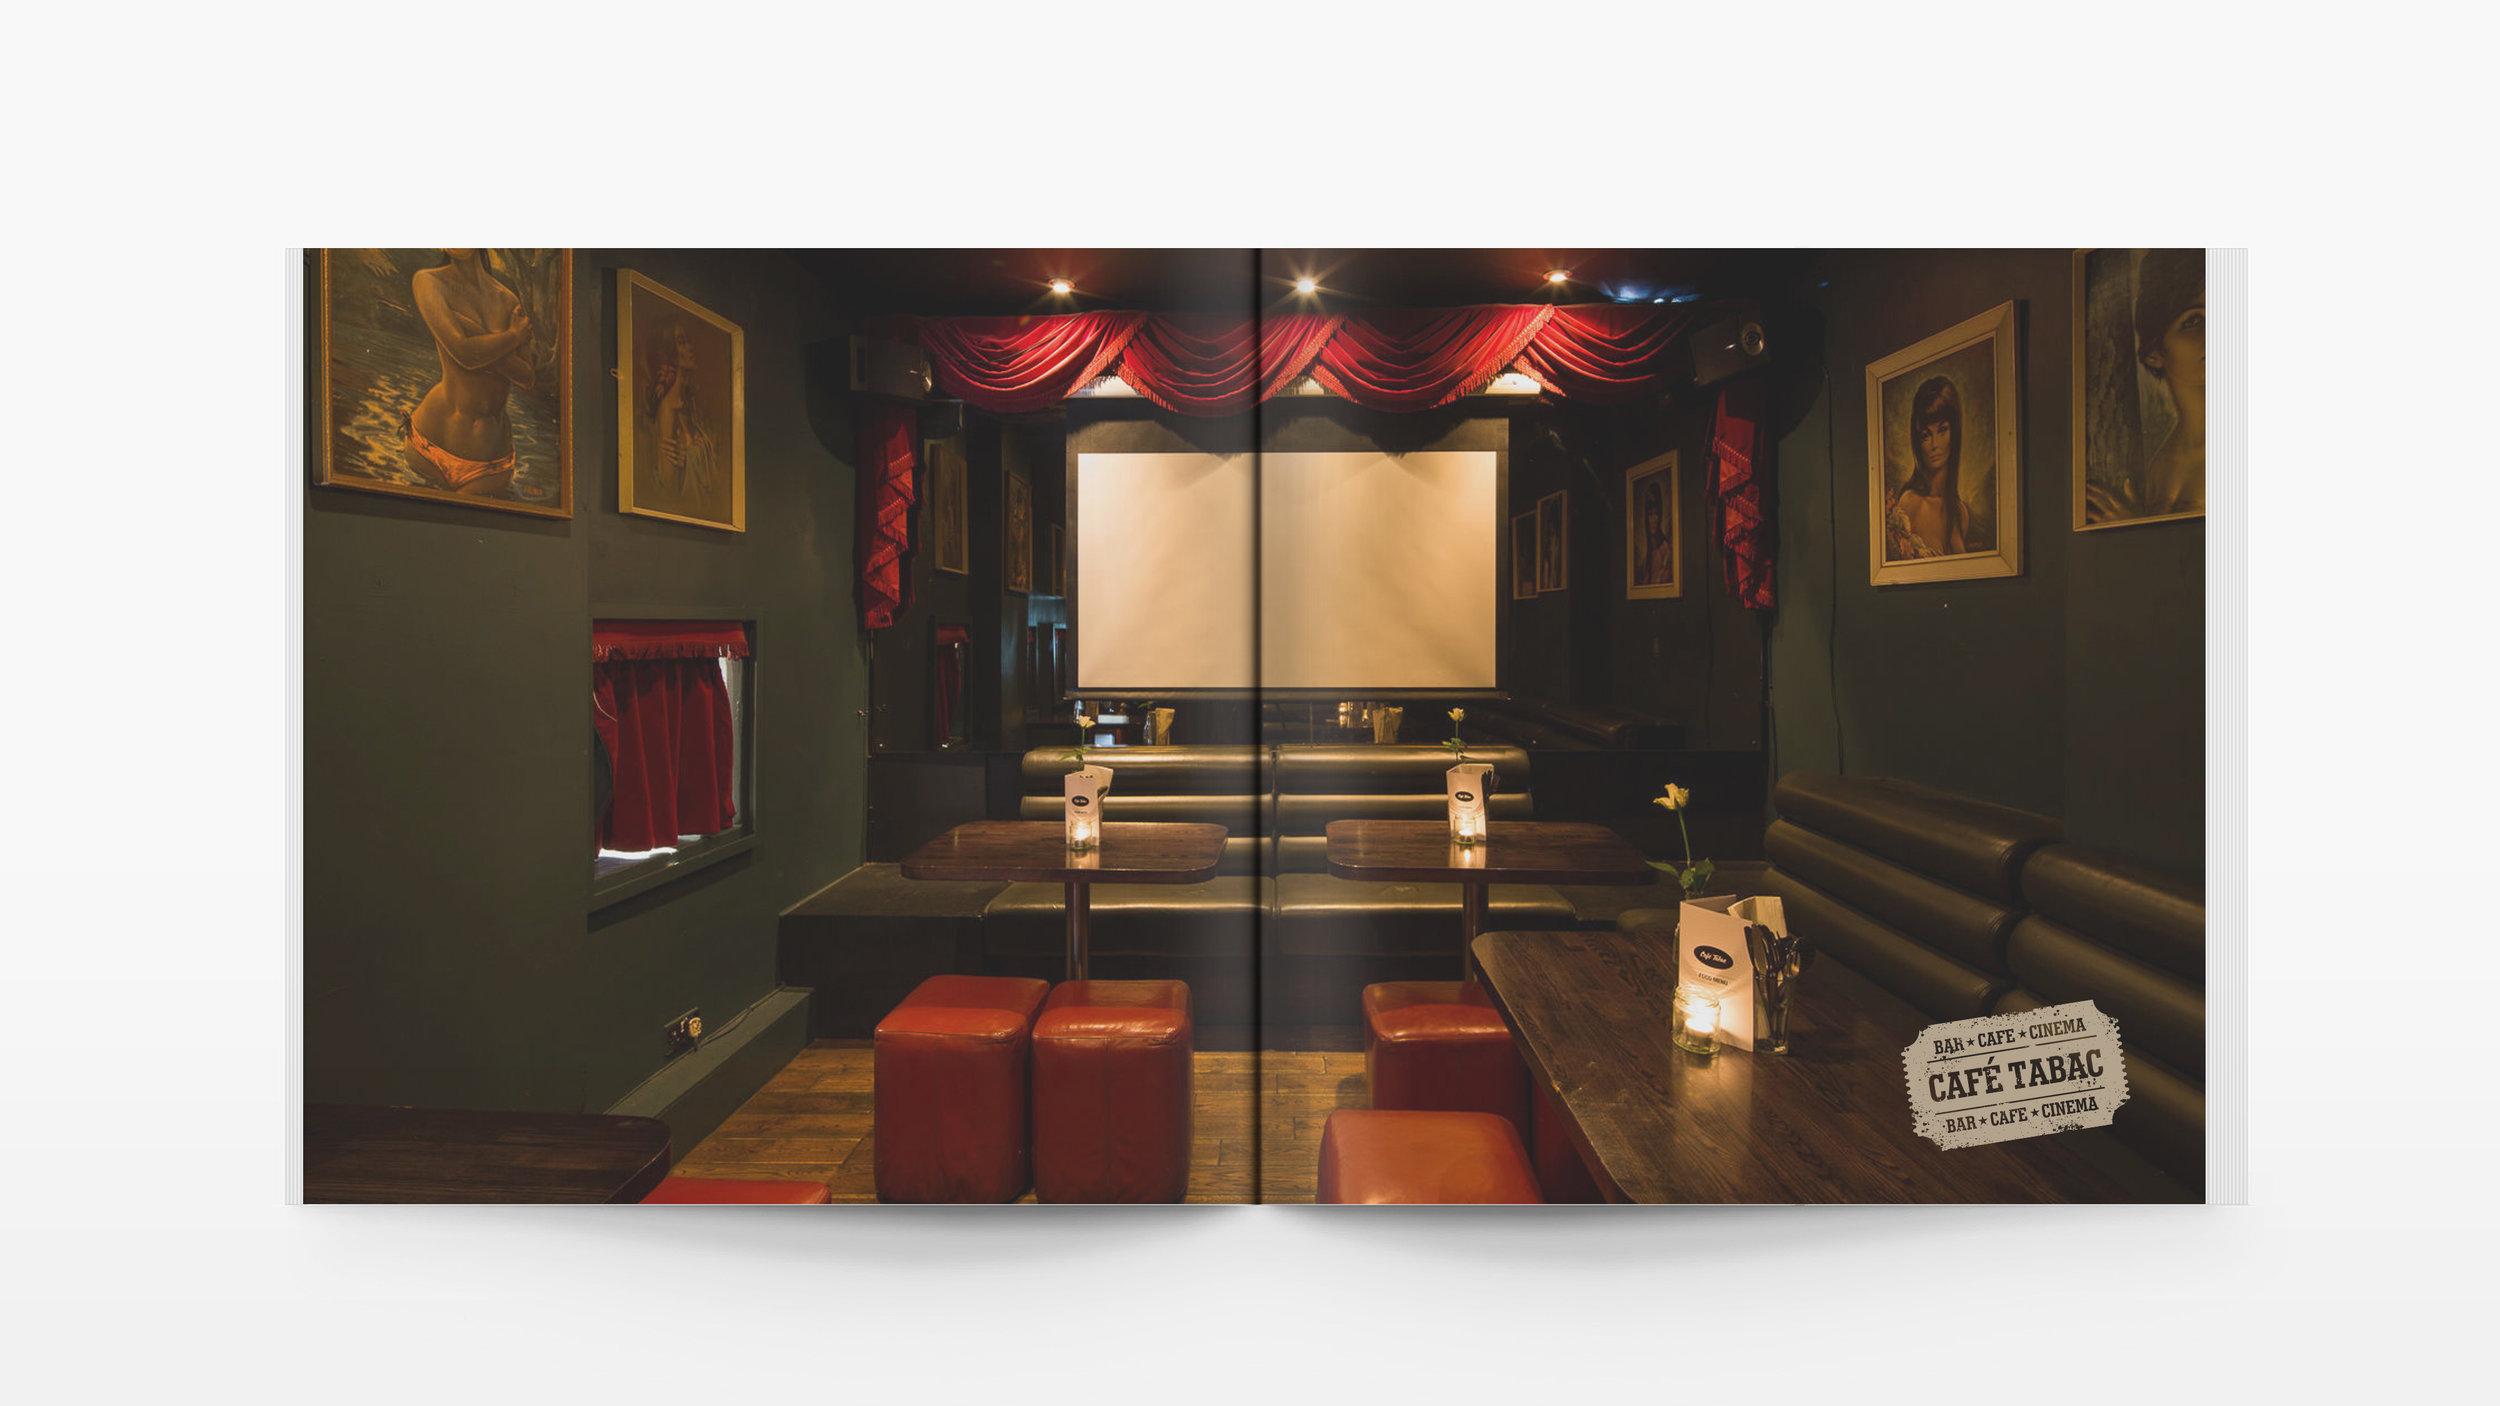 Brand_republica_branding_and_interior_design_cafe_tabac_02.jpg